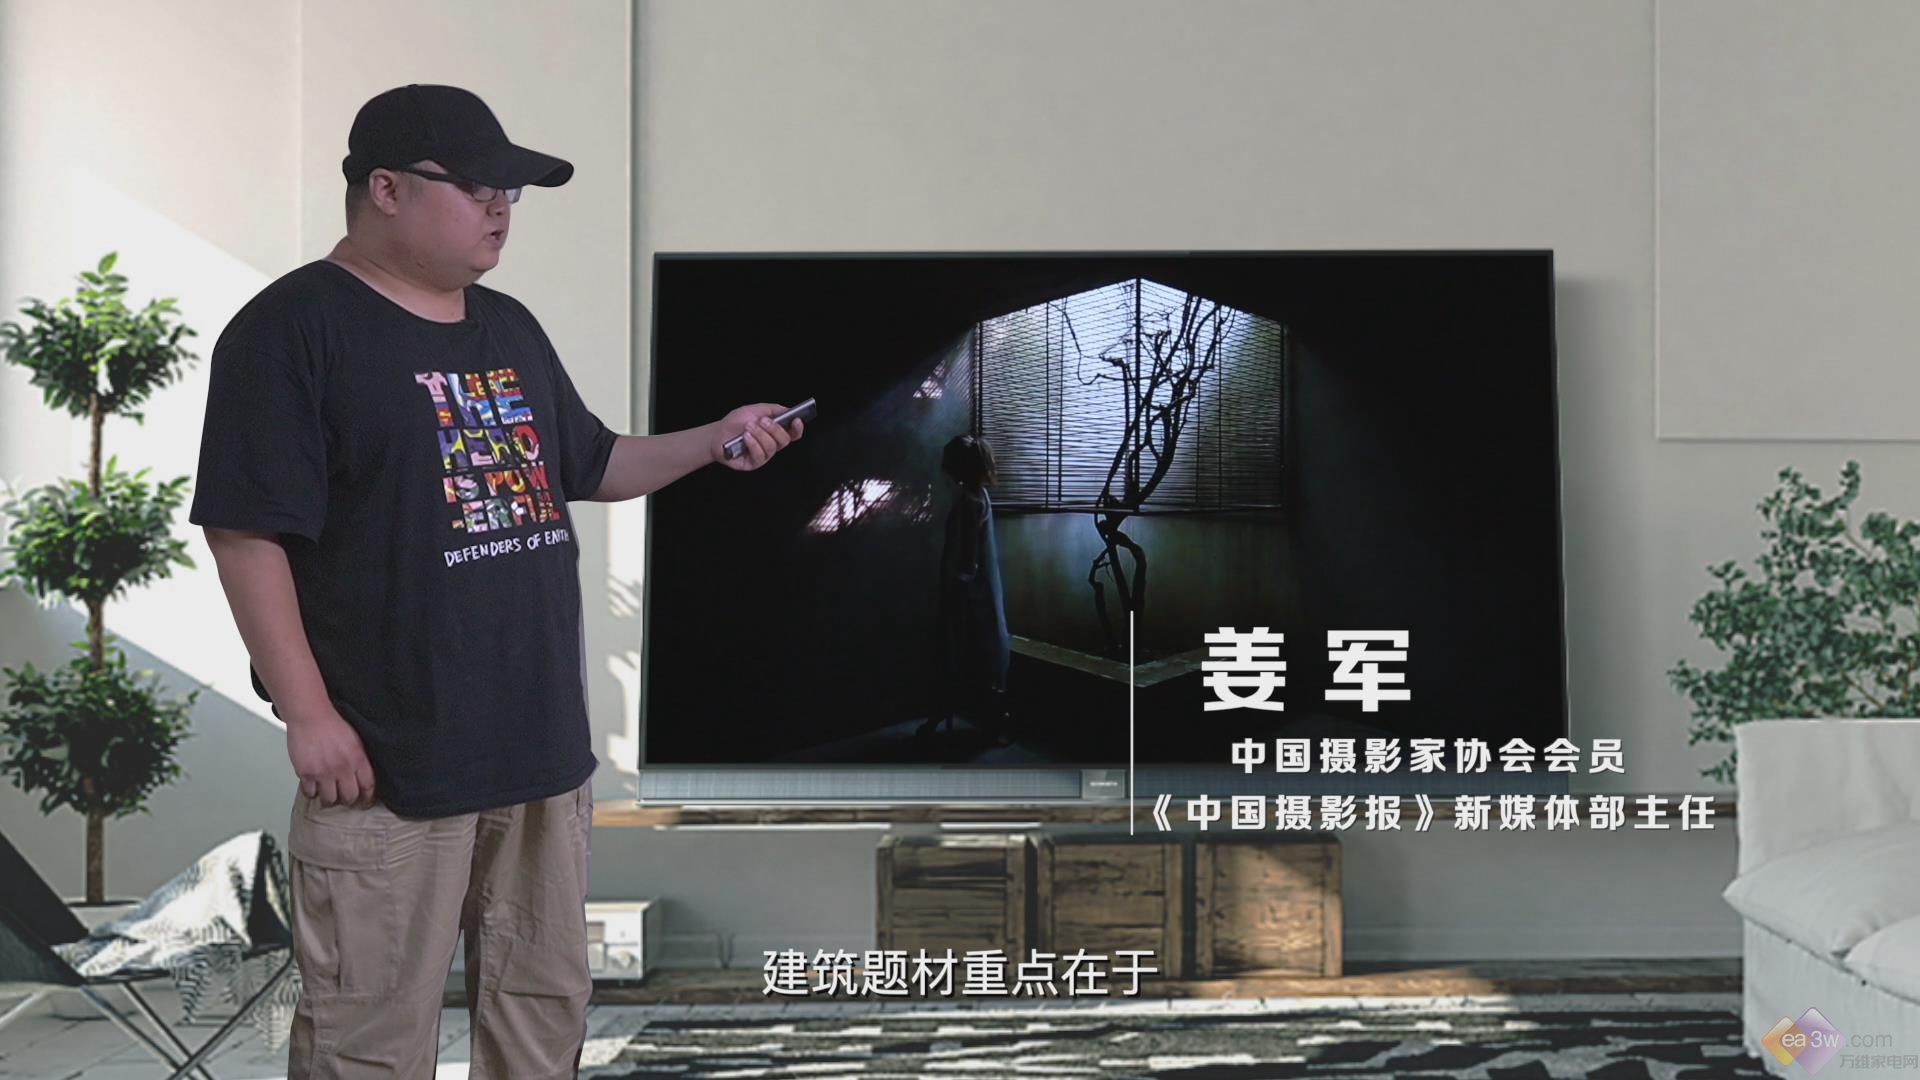 同一个艺术馆,不同的观感!创维S9A OLED让影像大不同